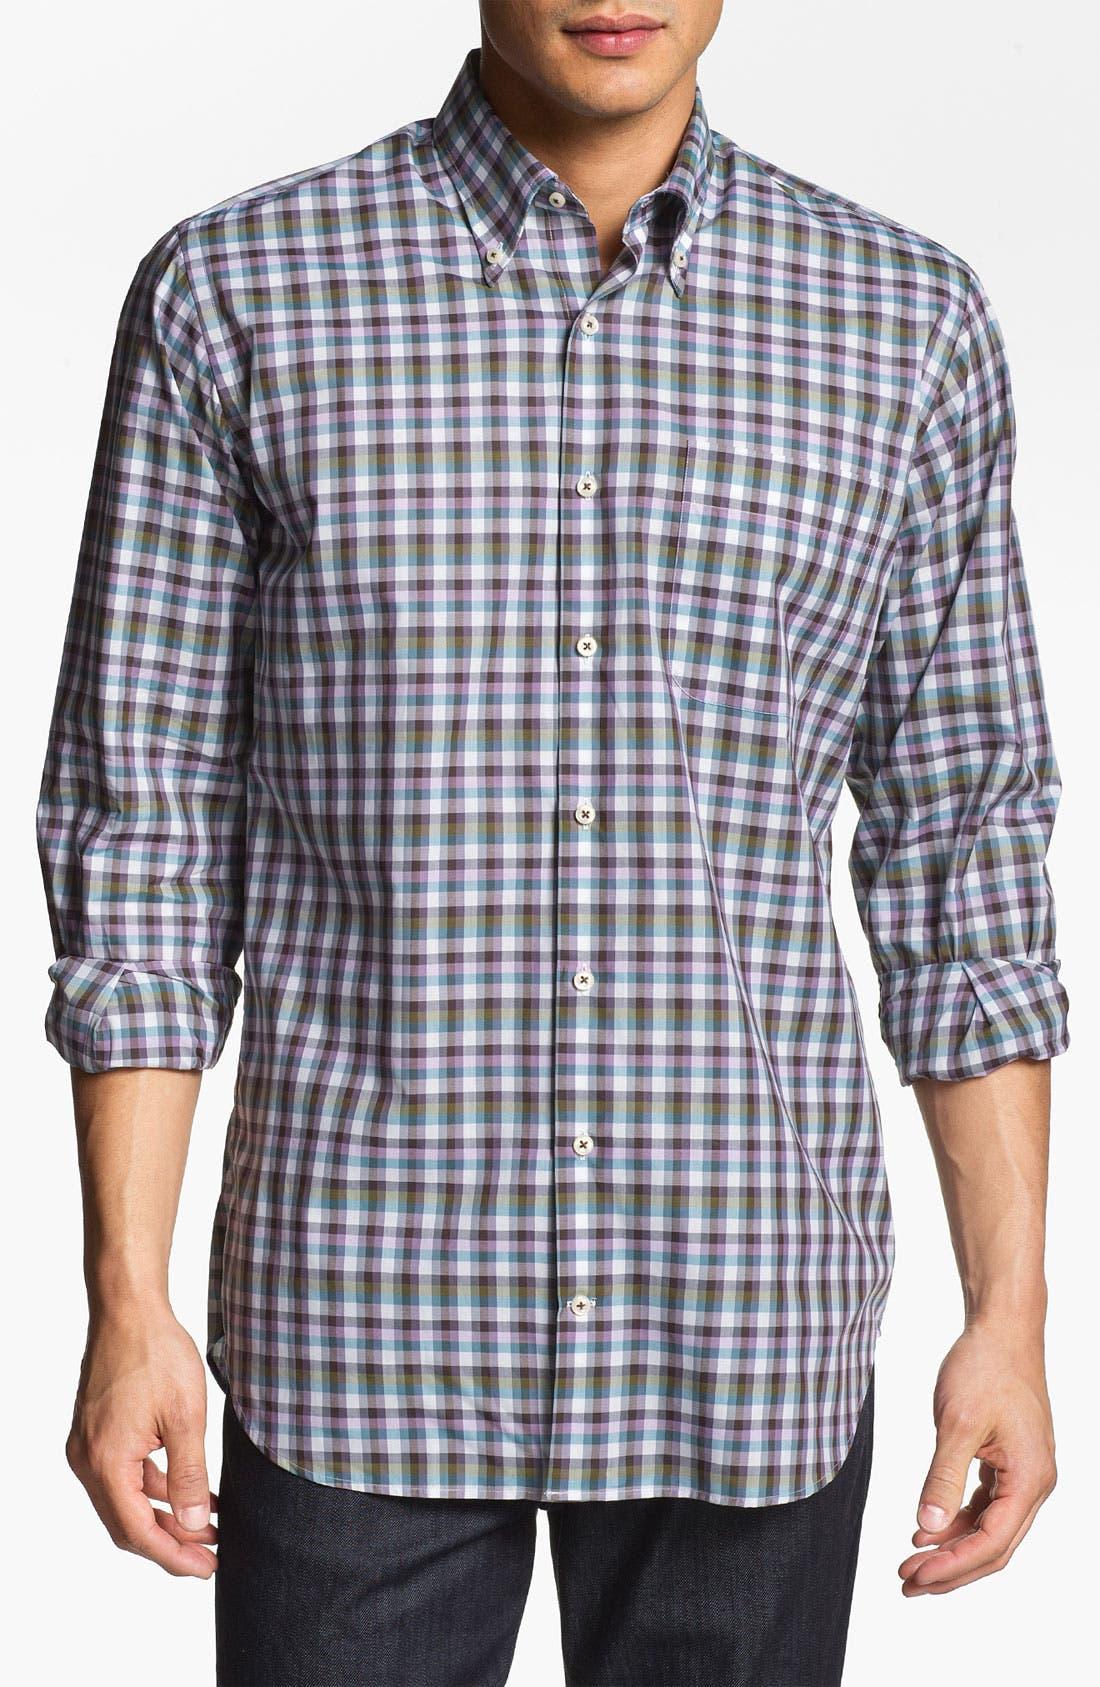 Alternate Image 1 Selected - Peter Millar 'Capri' Regular Fit Sport Shirt